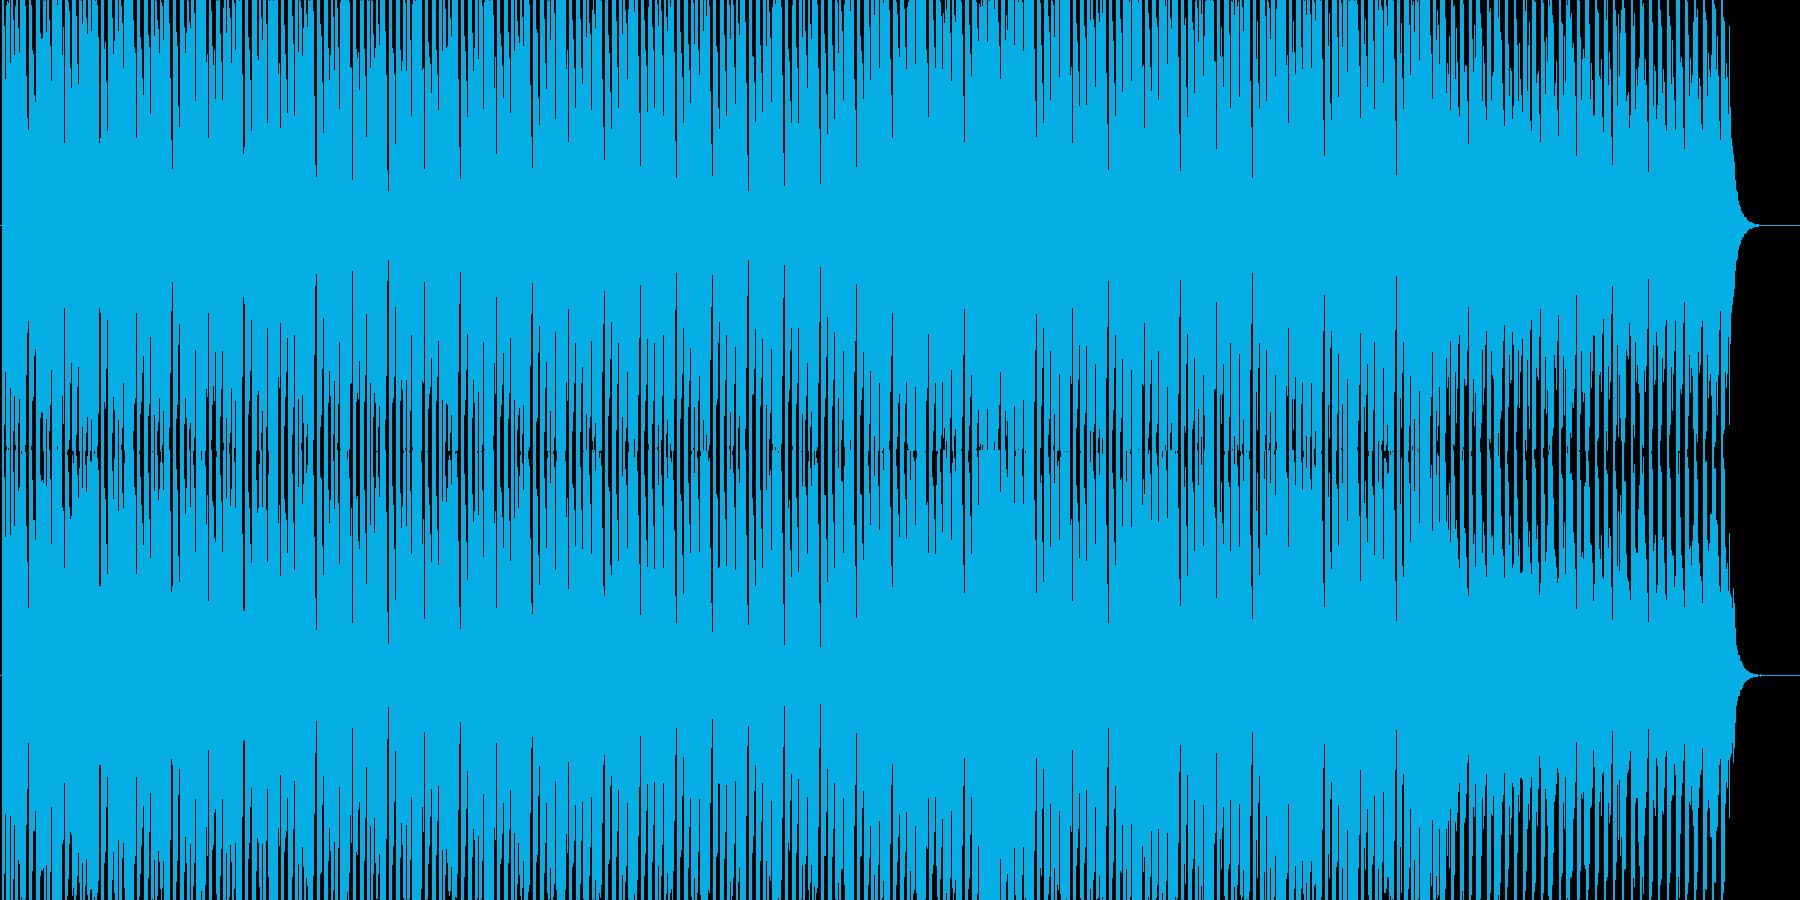 聴き心地よいテクノサウンドの再生済みの波形